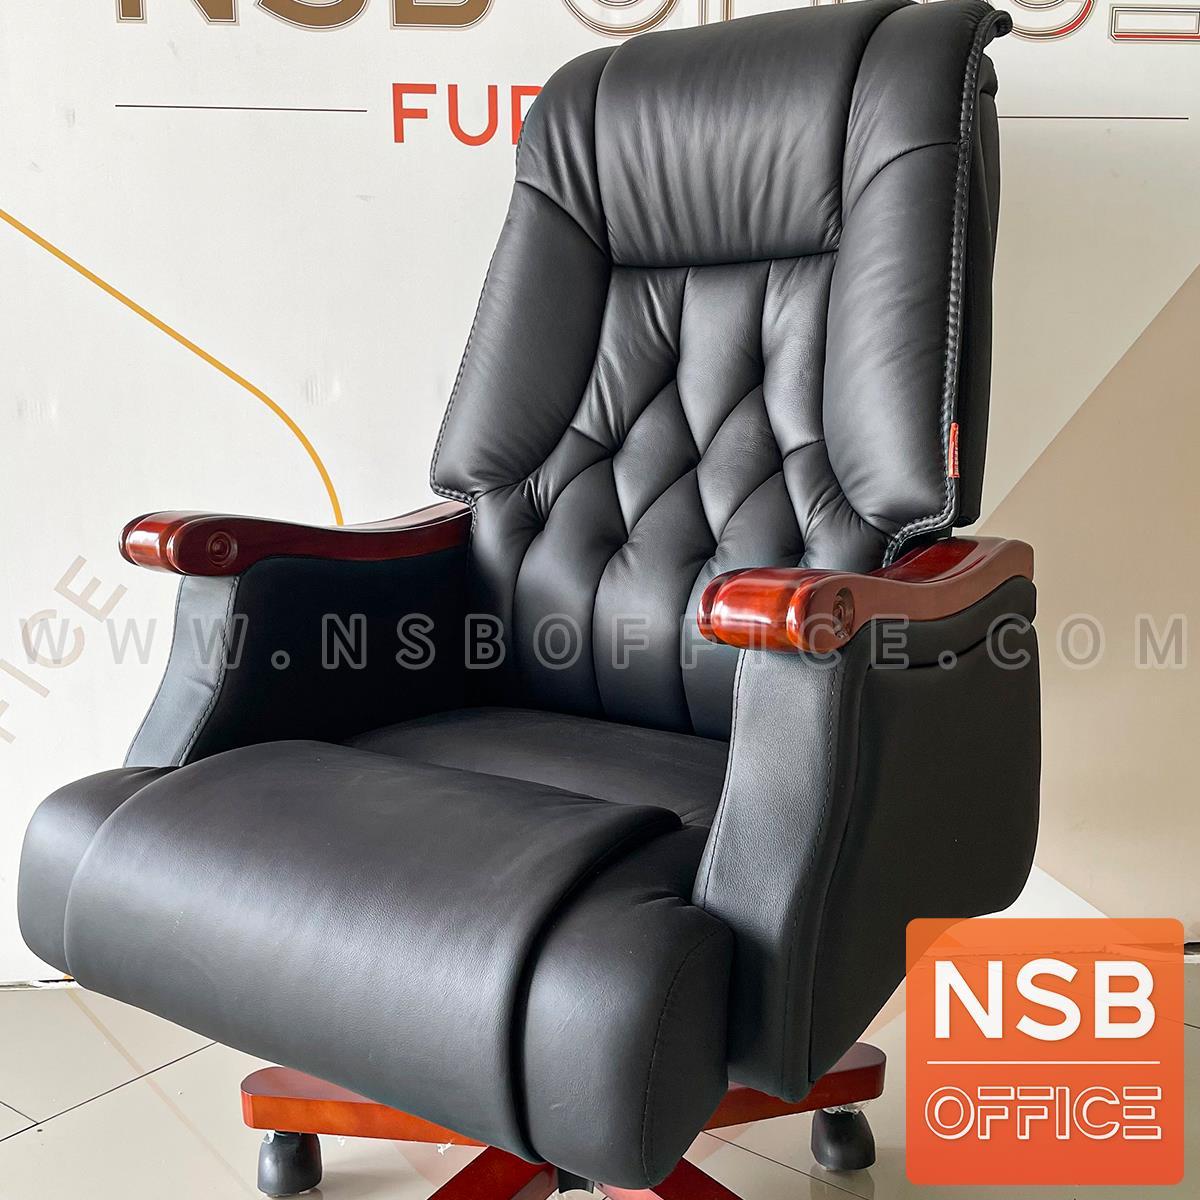 เก้าอี้ผู้บริหารหนังแท้ รุ่น Fairview (แฟร์วิว)  แขน-ขาไม้